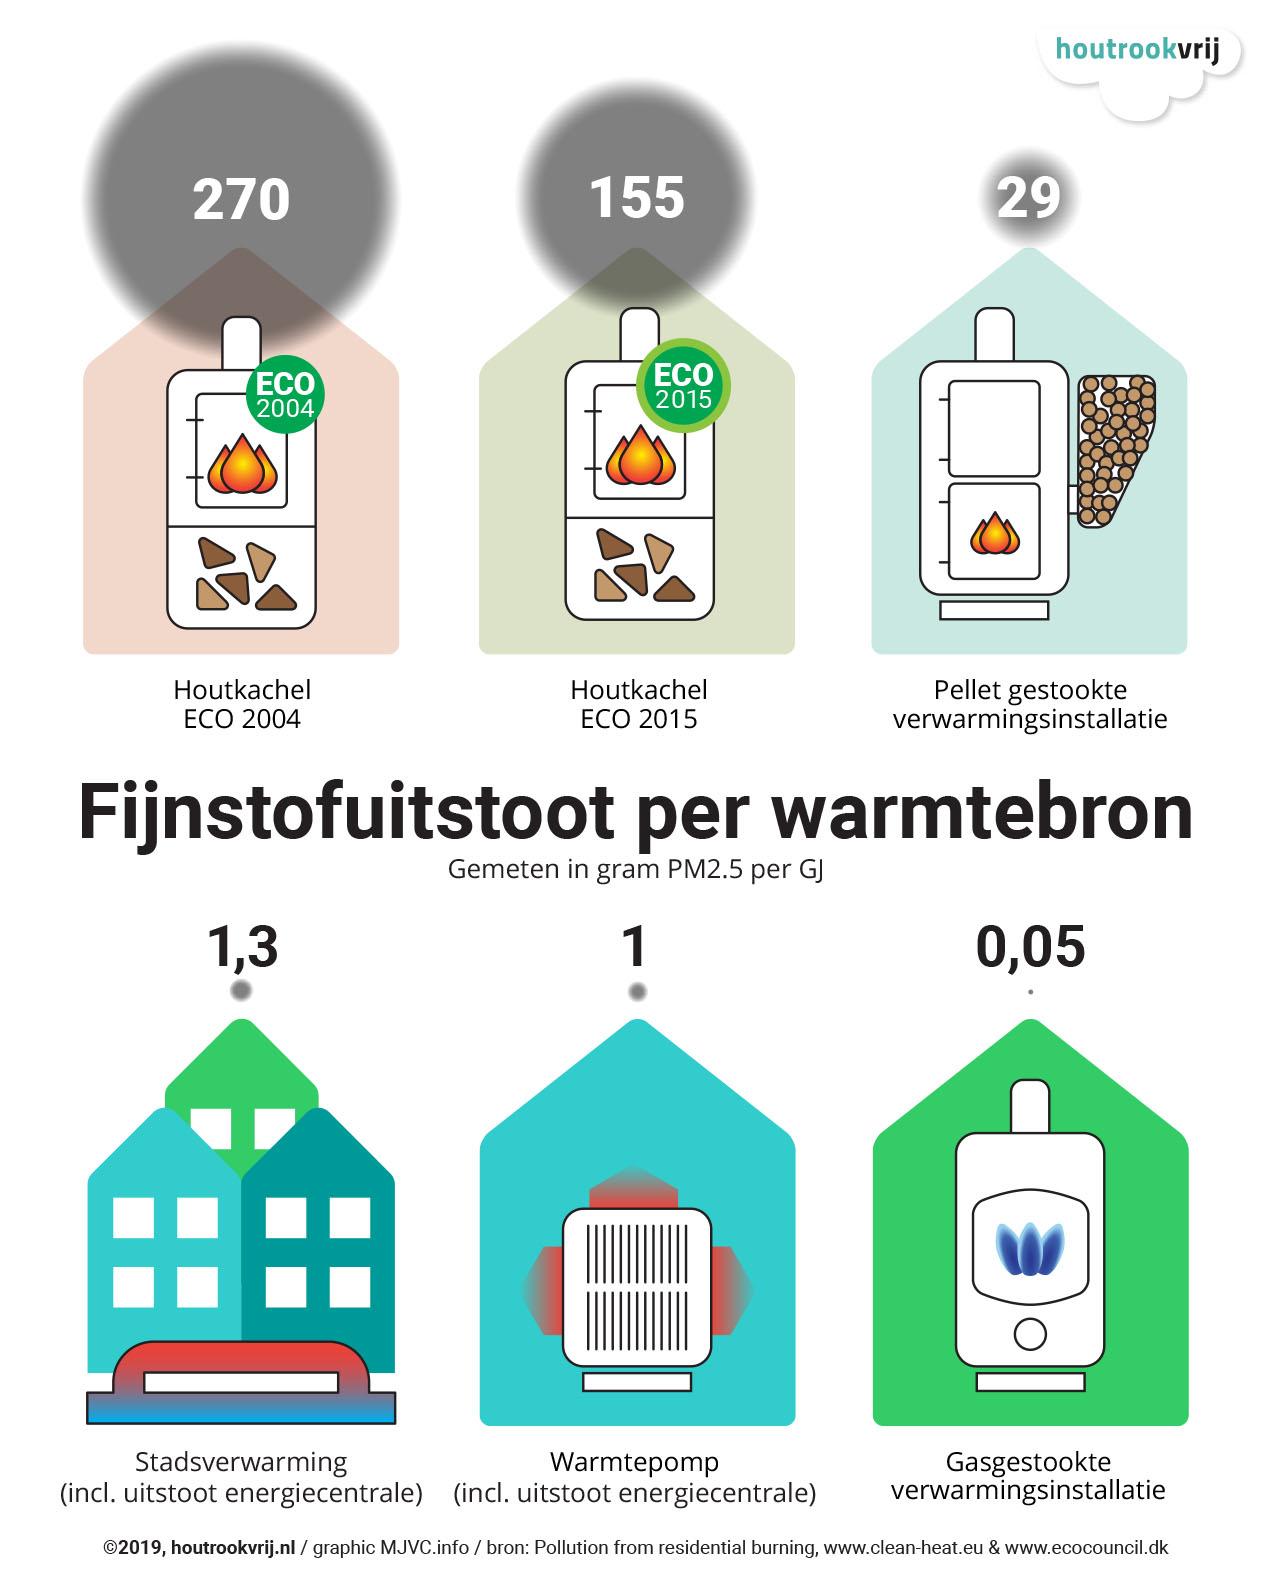 Fijnstofuitstoot per warmtebron